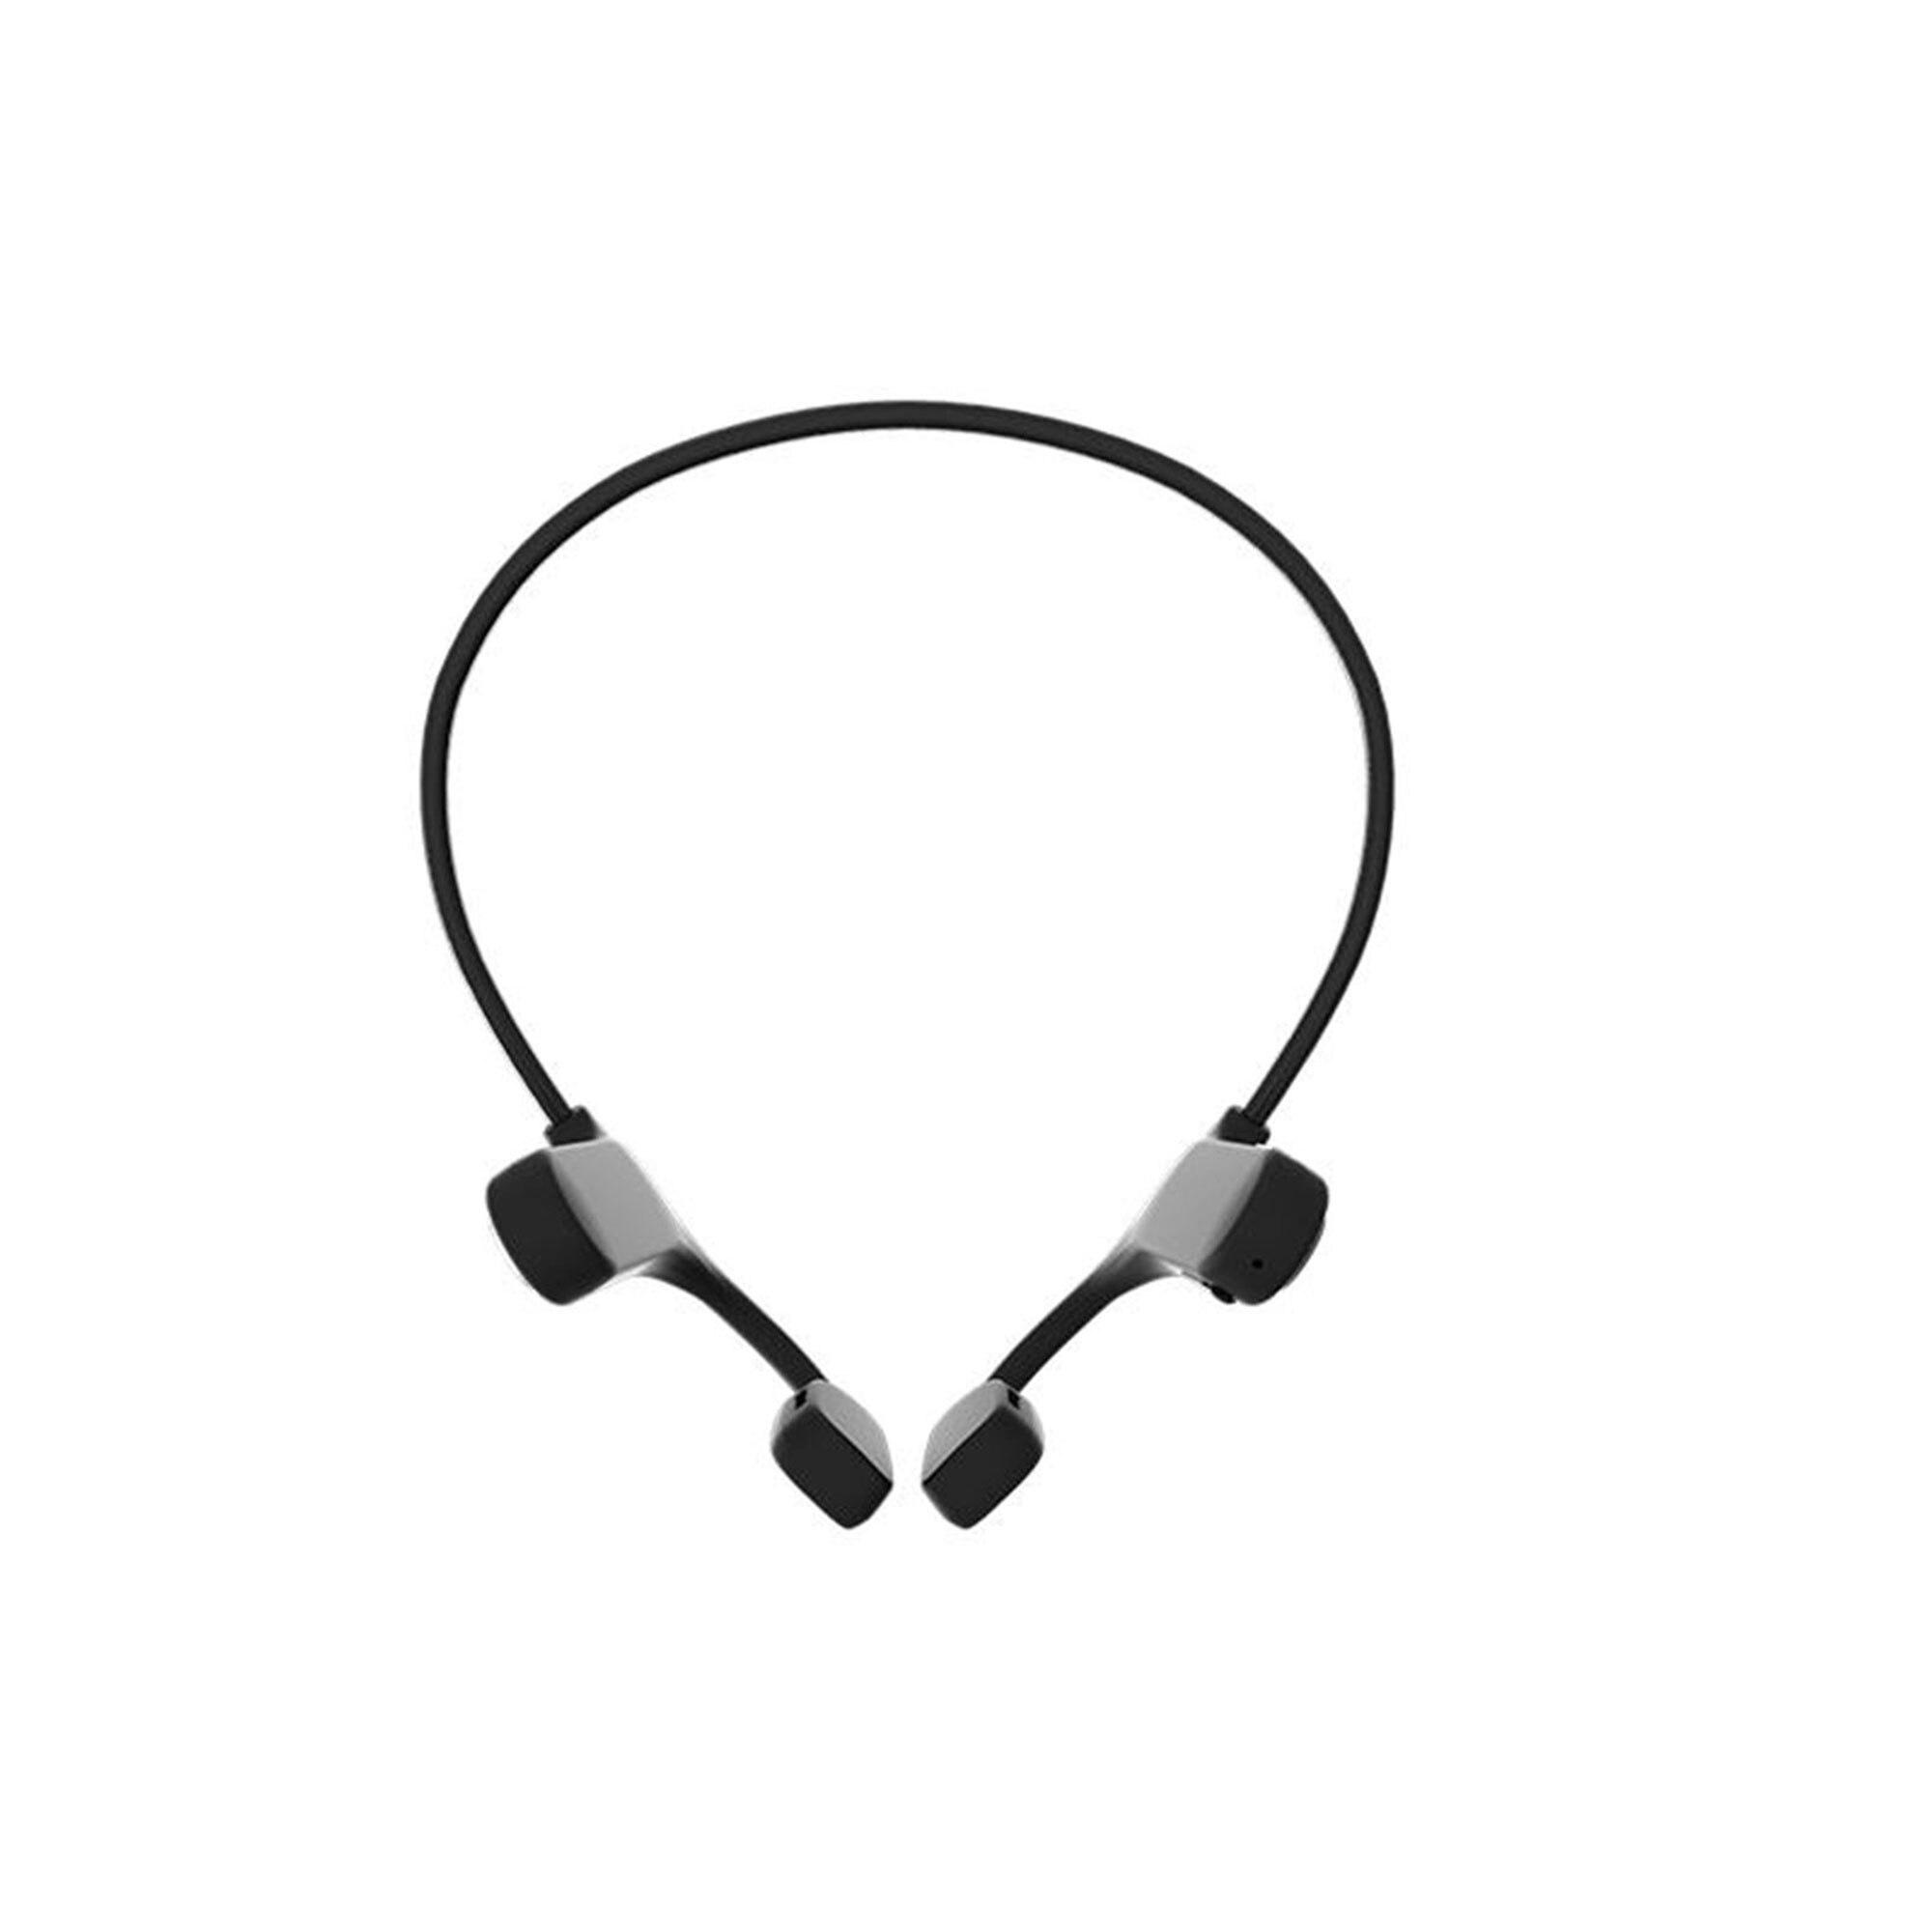 Новая спортивная Hi-Fi гарнитура, Беспроводные водонепроницаемые наушники с открытыми ушами и костной проводимостью, наушники Bluetooth 5,0